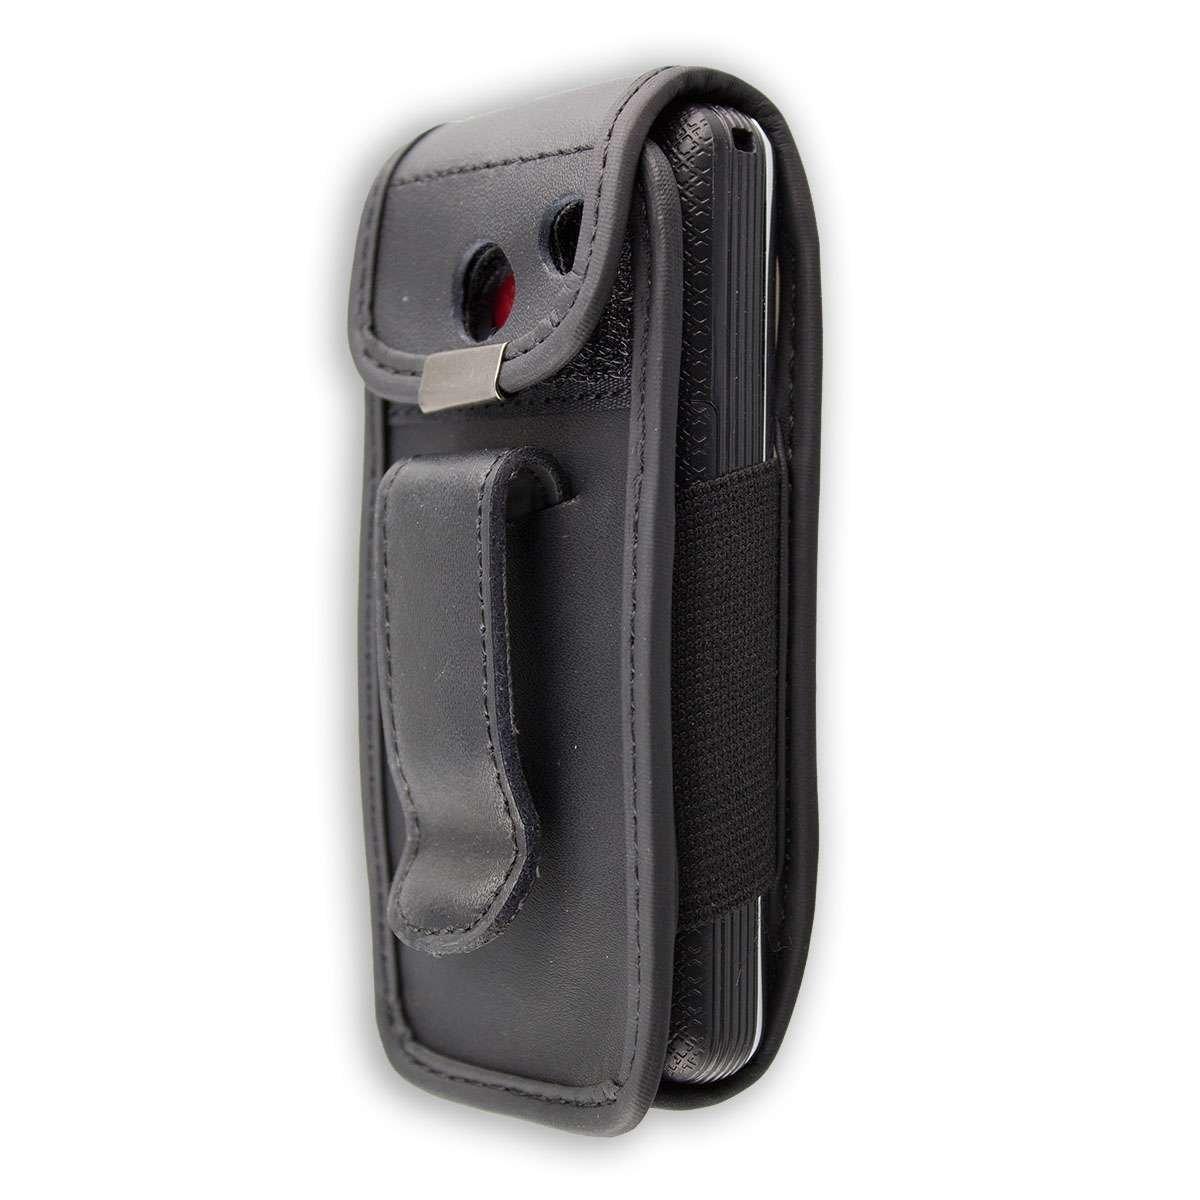 5d8b22c588c caseroxx - Housse de téléphone Portable à Clip pour Voxtel M250 en Cuir  veritable  Amazon.fr  High-tech